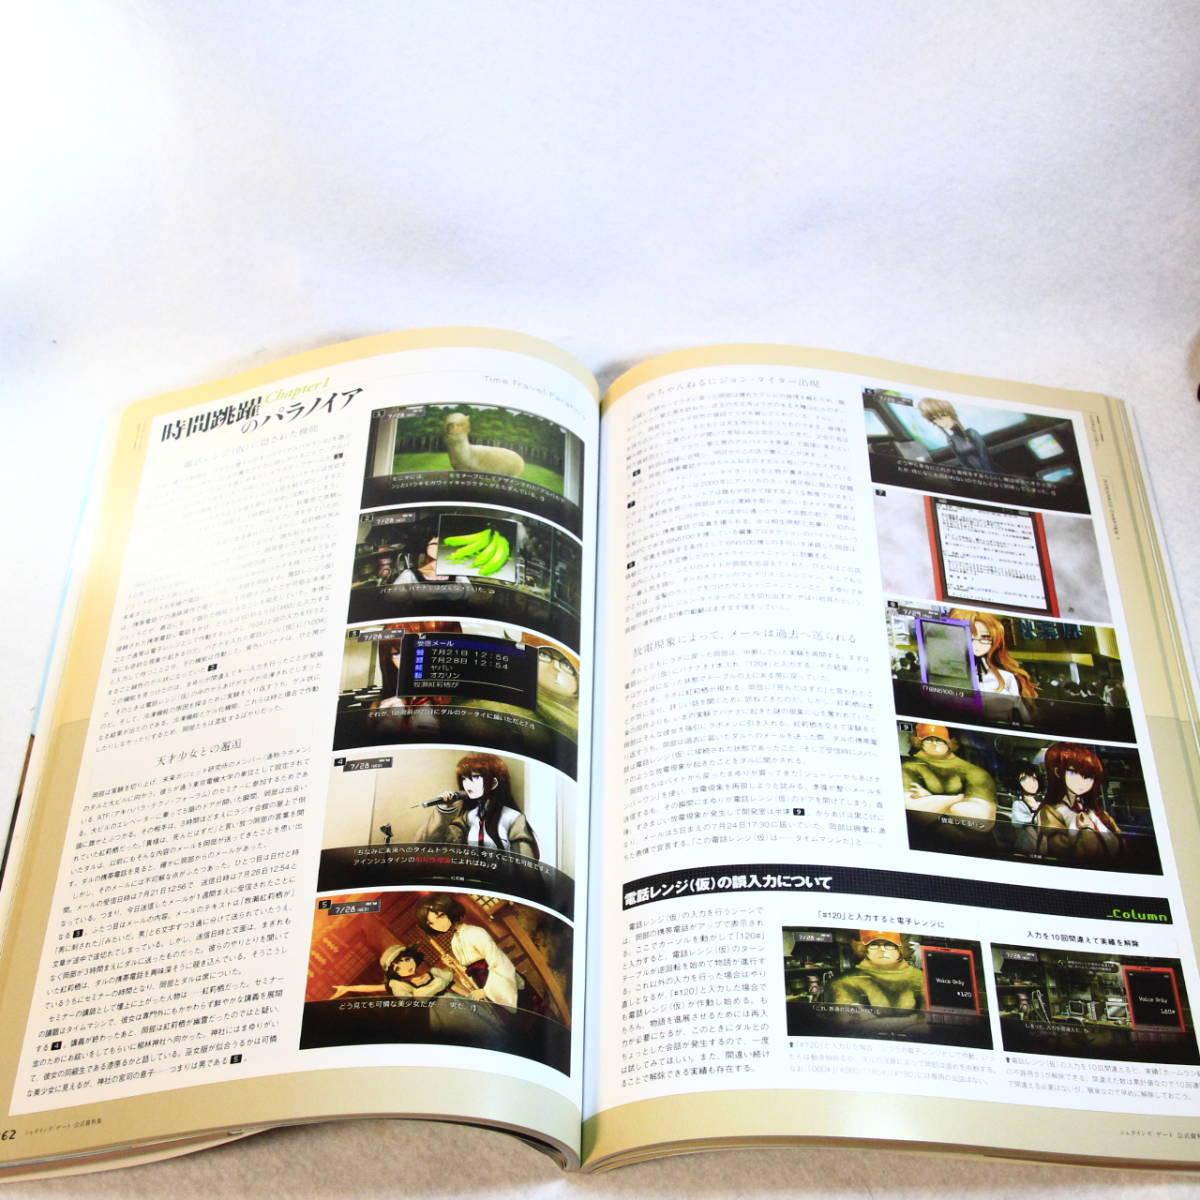 【書籍】シュタインズ・ゲート 公式資料集 (ファミ通Xbox) /STEINS;GATE シュタインズゲート_画像3